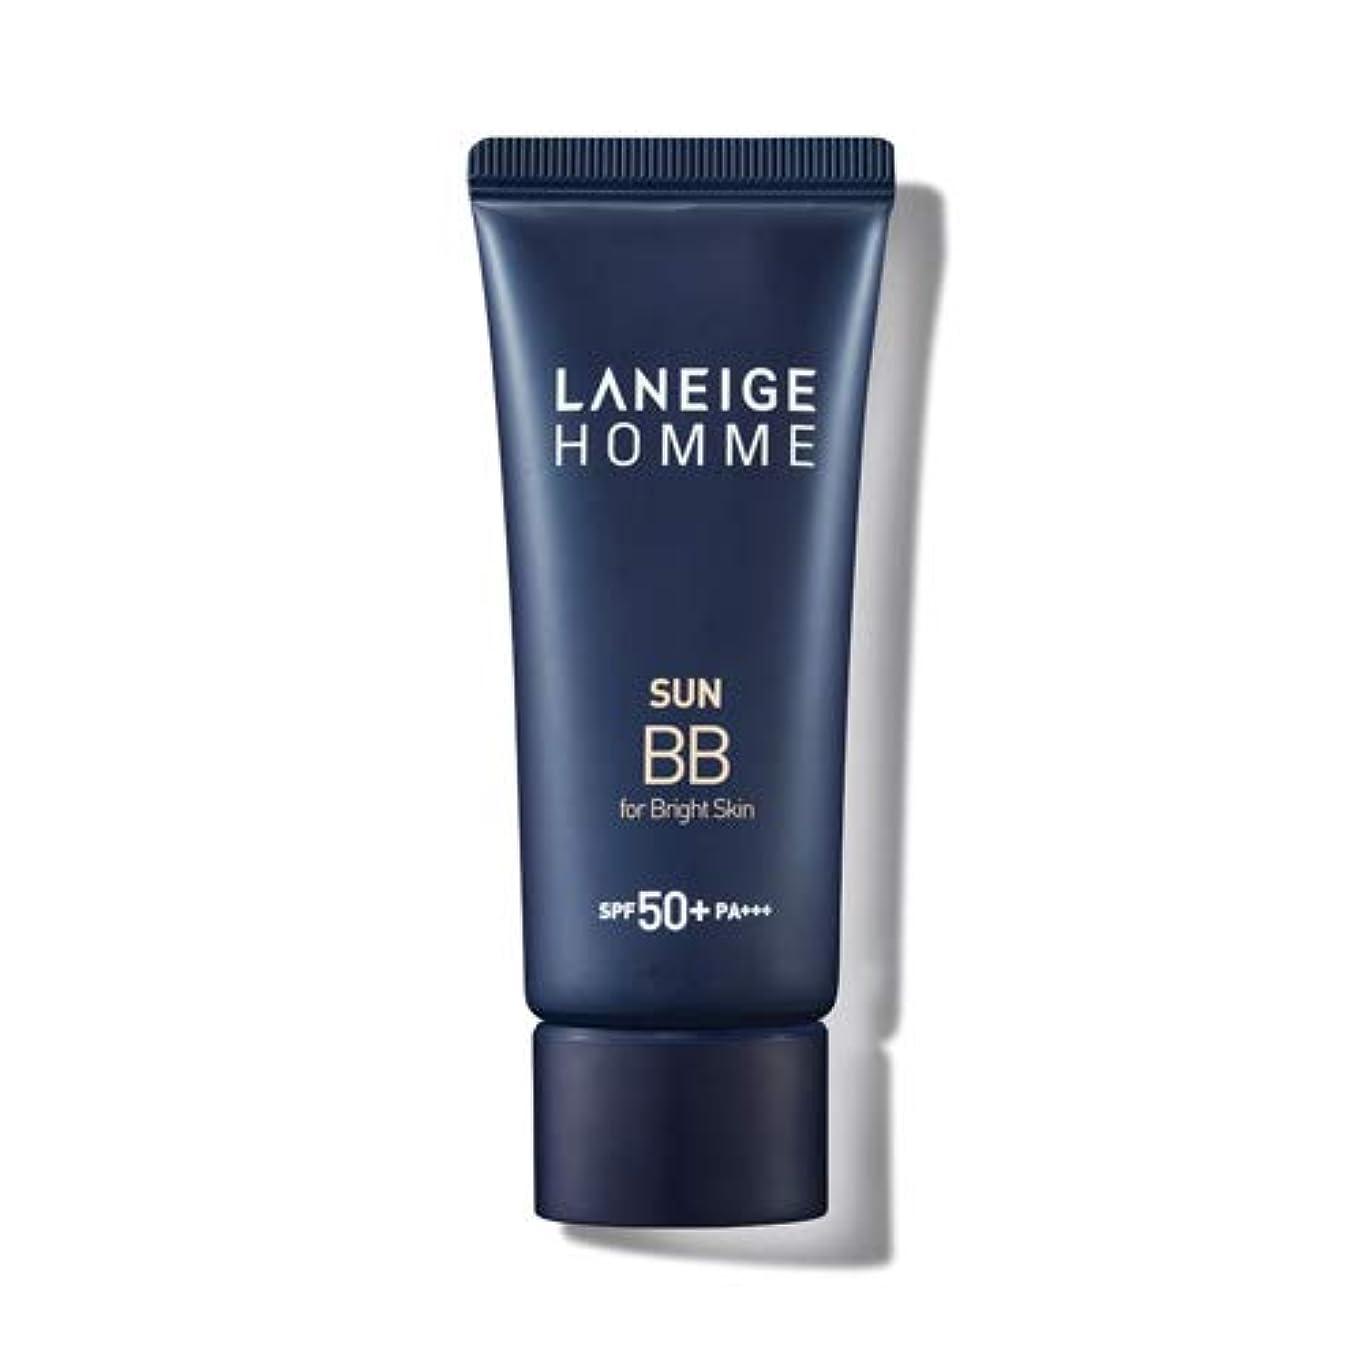 伝説価値のない前奏曲LANEIGE HOMME Sun BBブライトスキン/ダークスキンSPF50 + PA +++用(男性用)韓国の人気男性BBクリーム紫外線遮断スキンケア老化防止ローションの代わりに使用可能な水分 (軽い肌にbright skin)